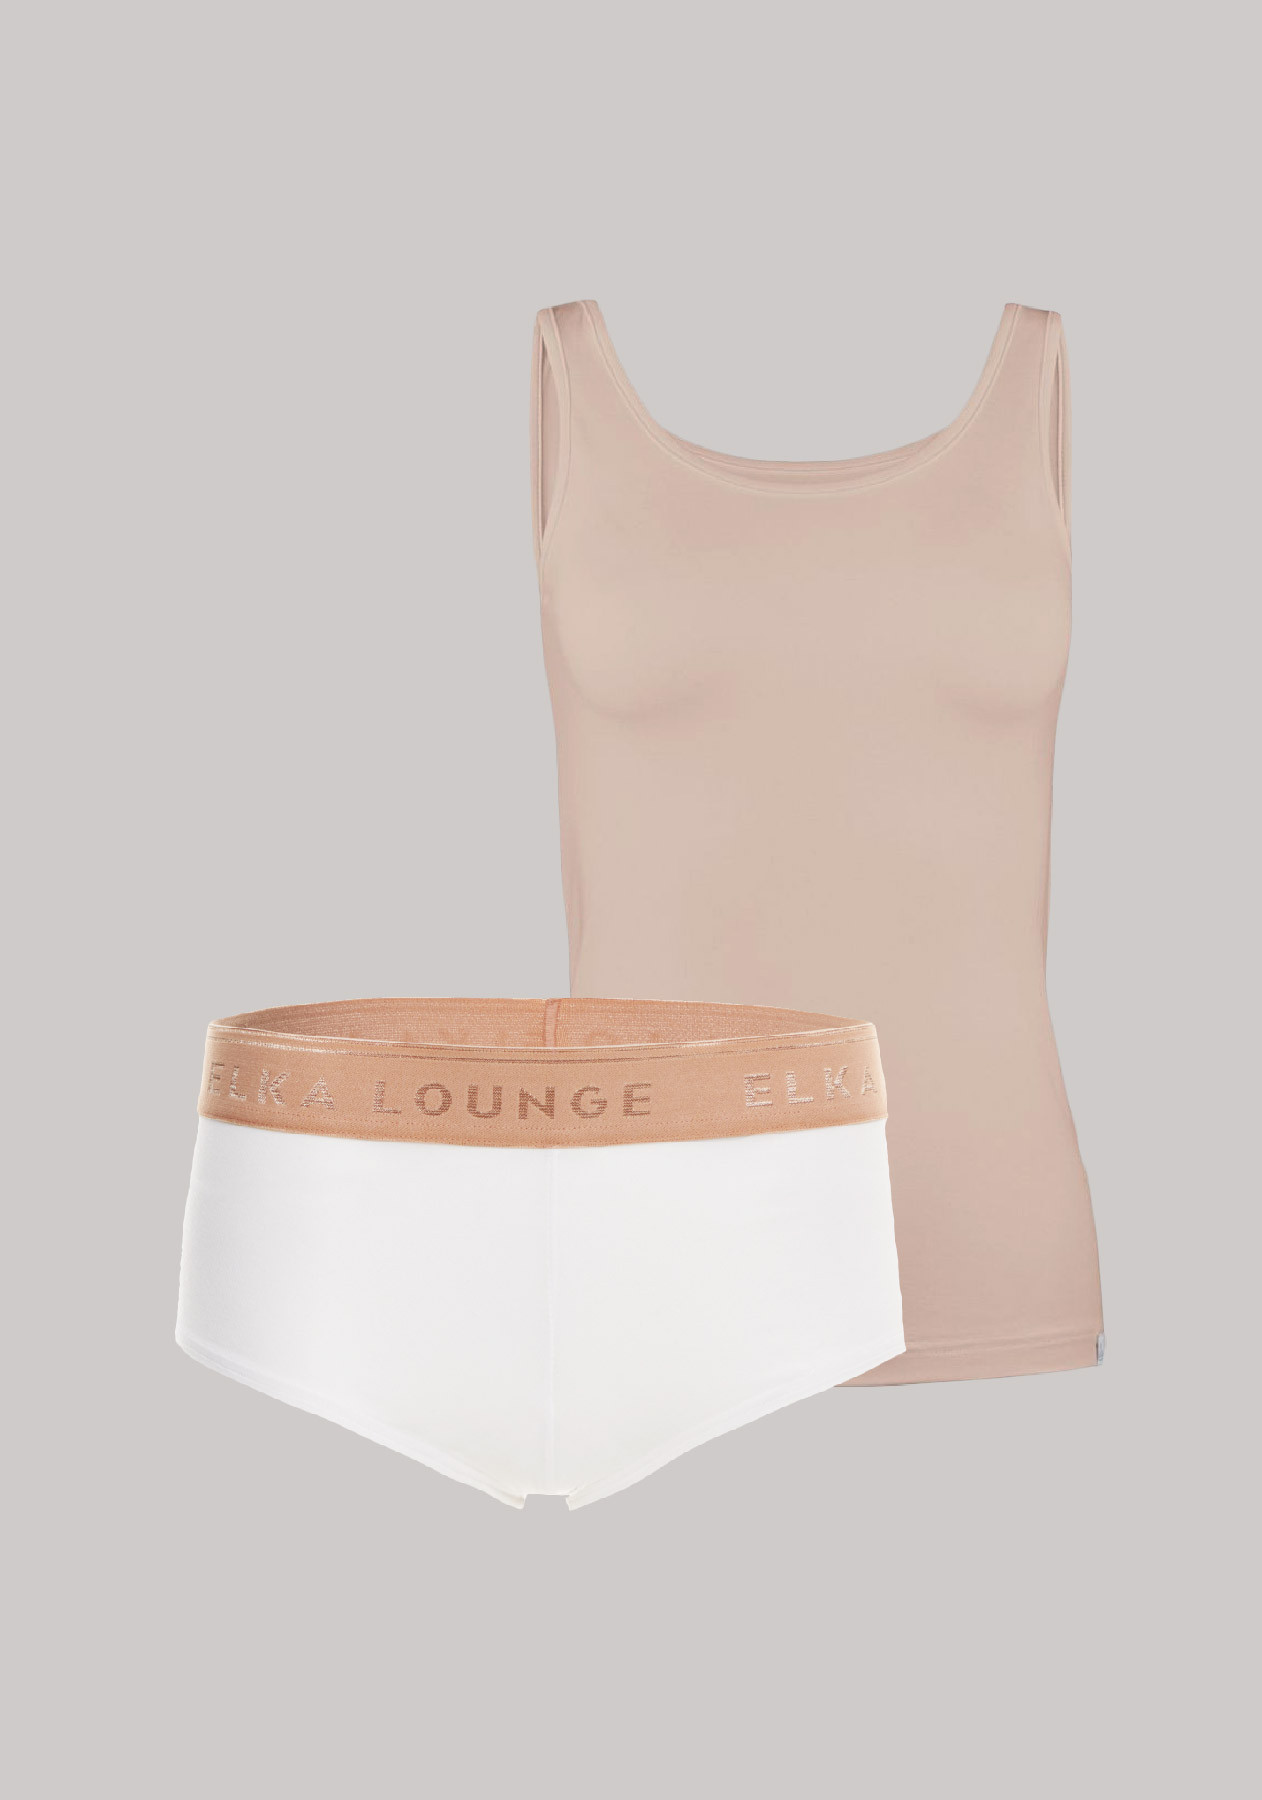 Women-Top-BackT, boxers-ELKA-Lounge-W00010,548